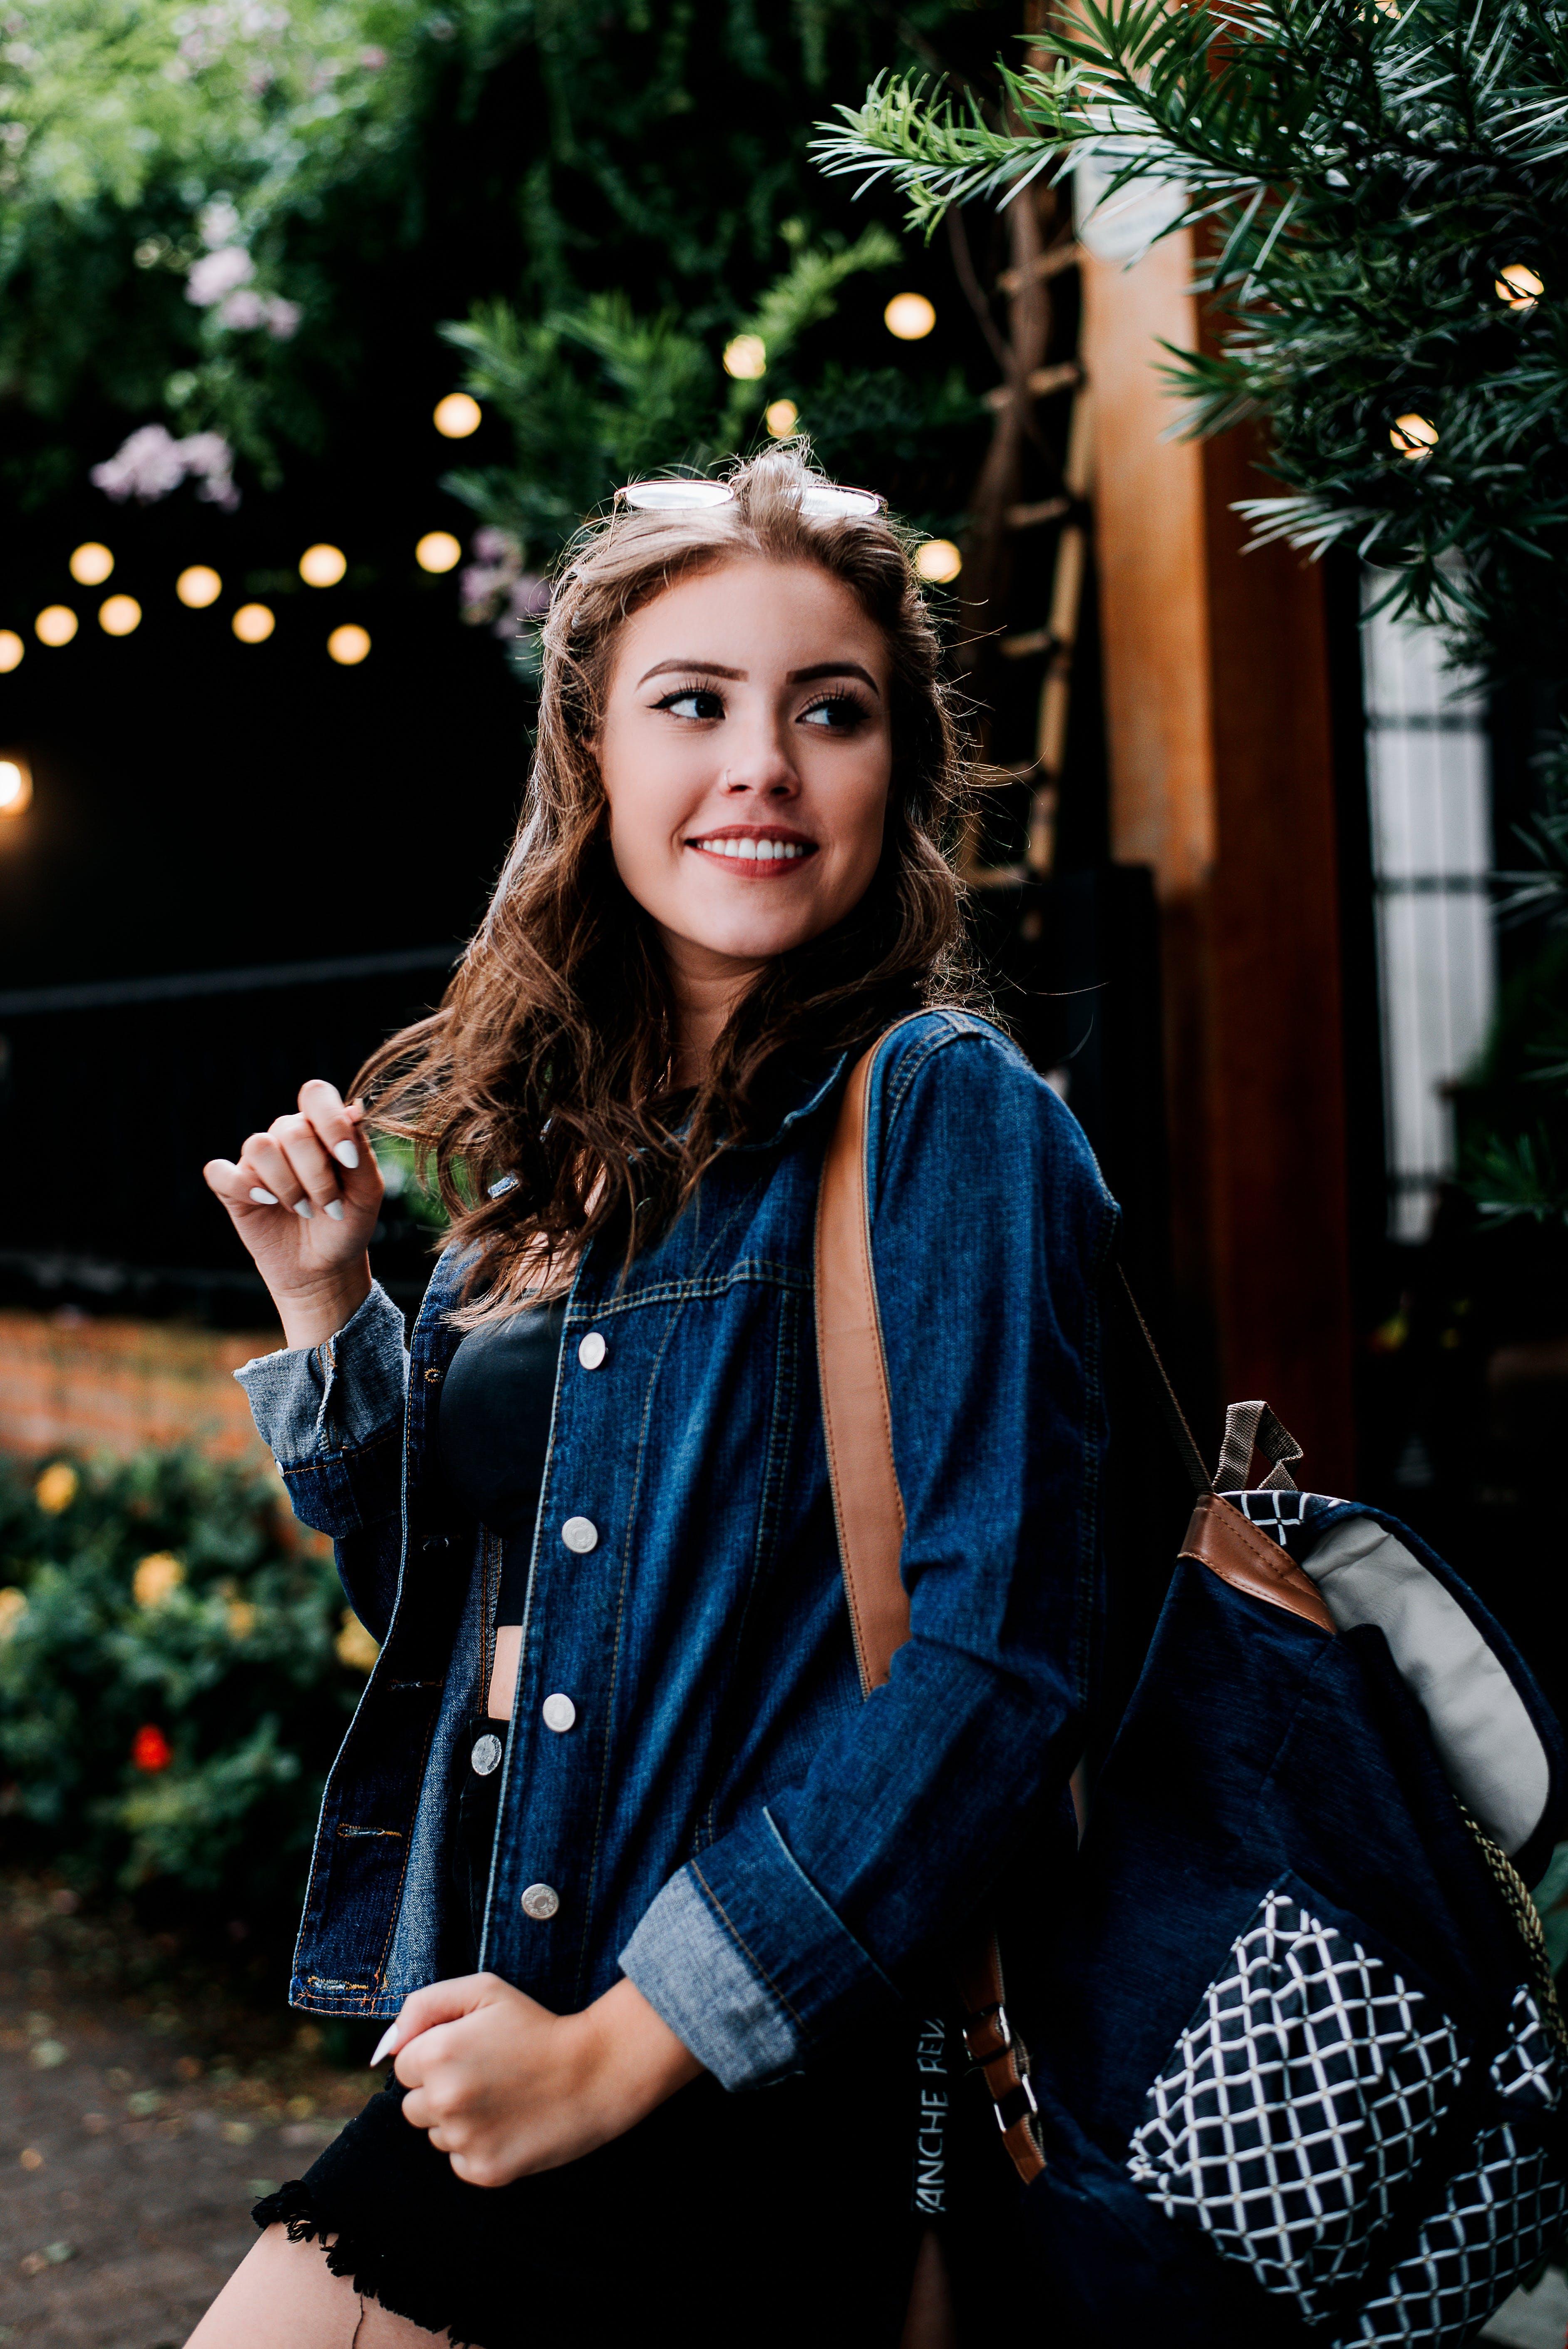 Woman Wearing Blue Denim Jacket